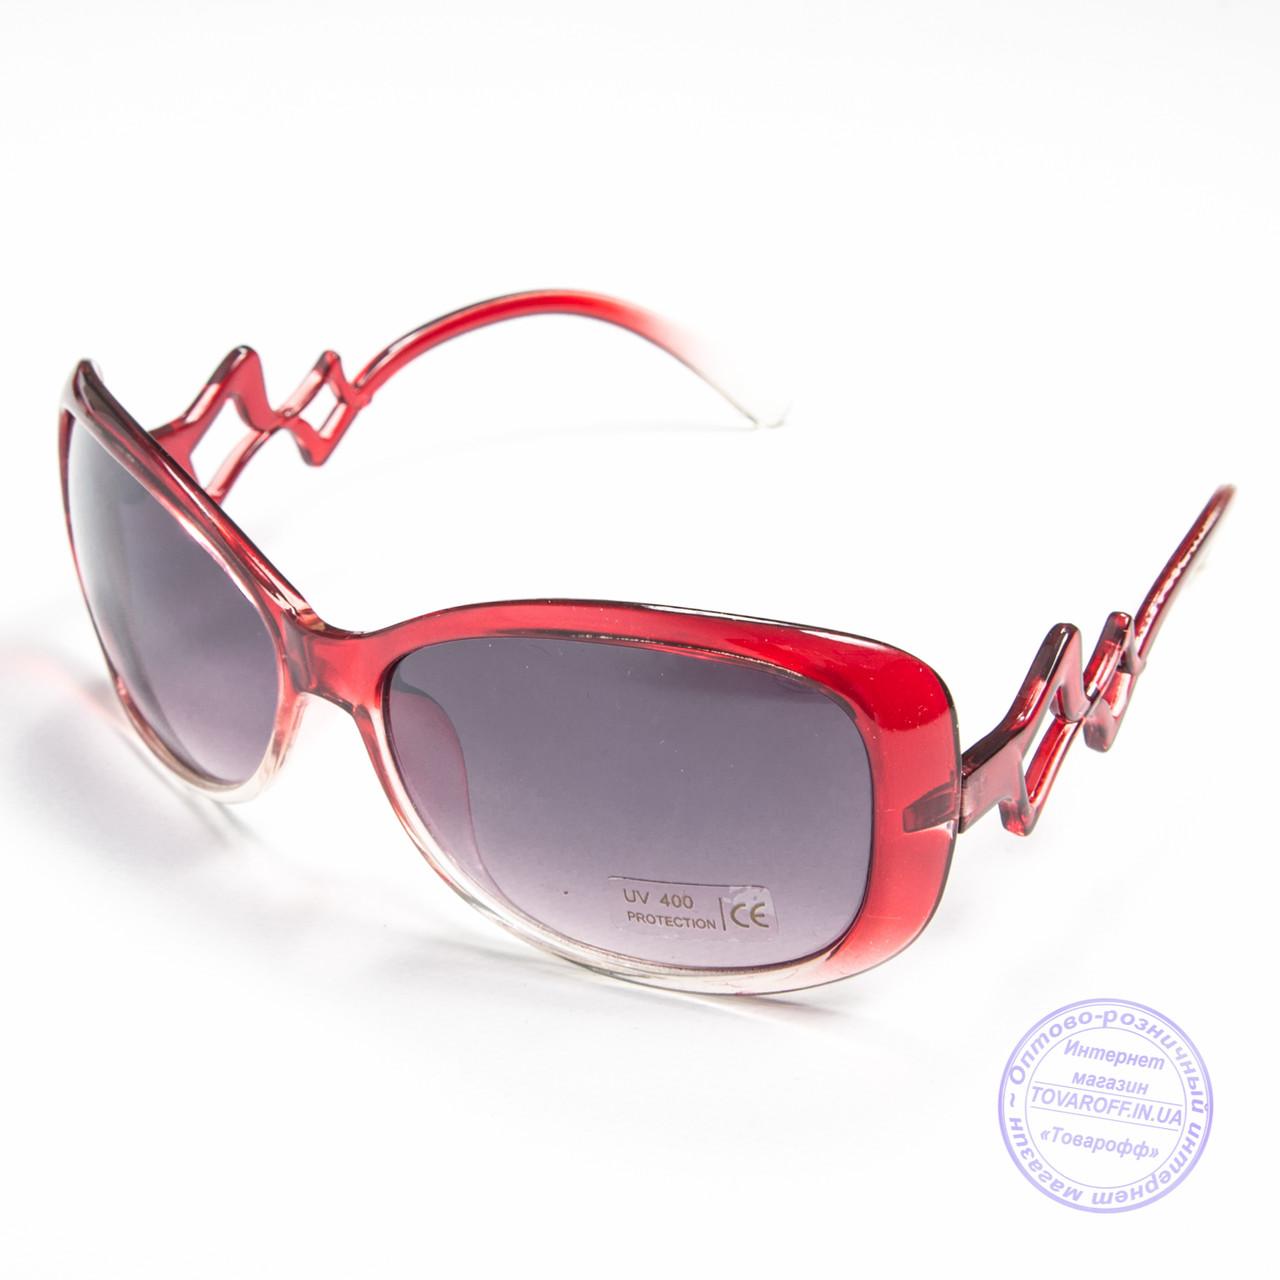 e3db249d2a12 Распродажа женских солнечных очков оптом - Красные - B913 - купить ...